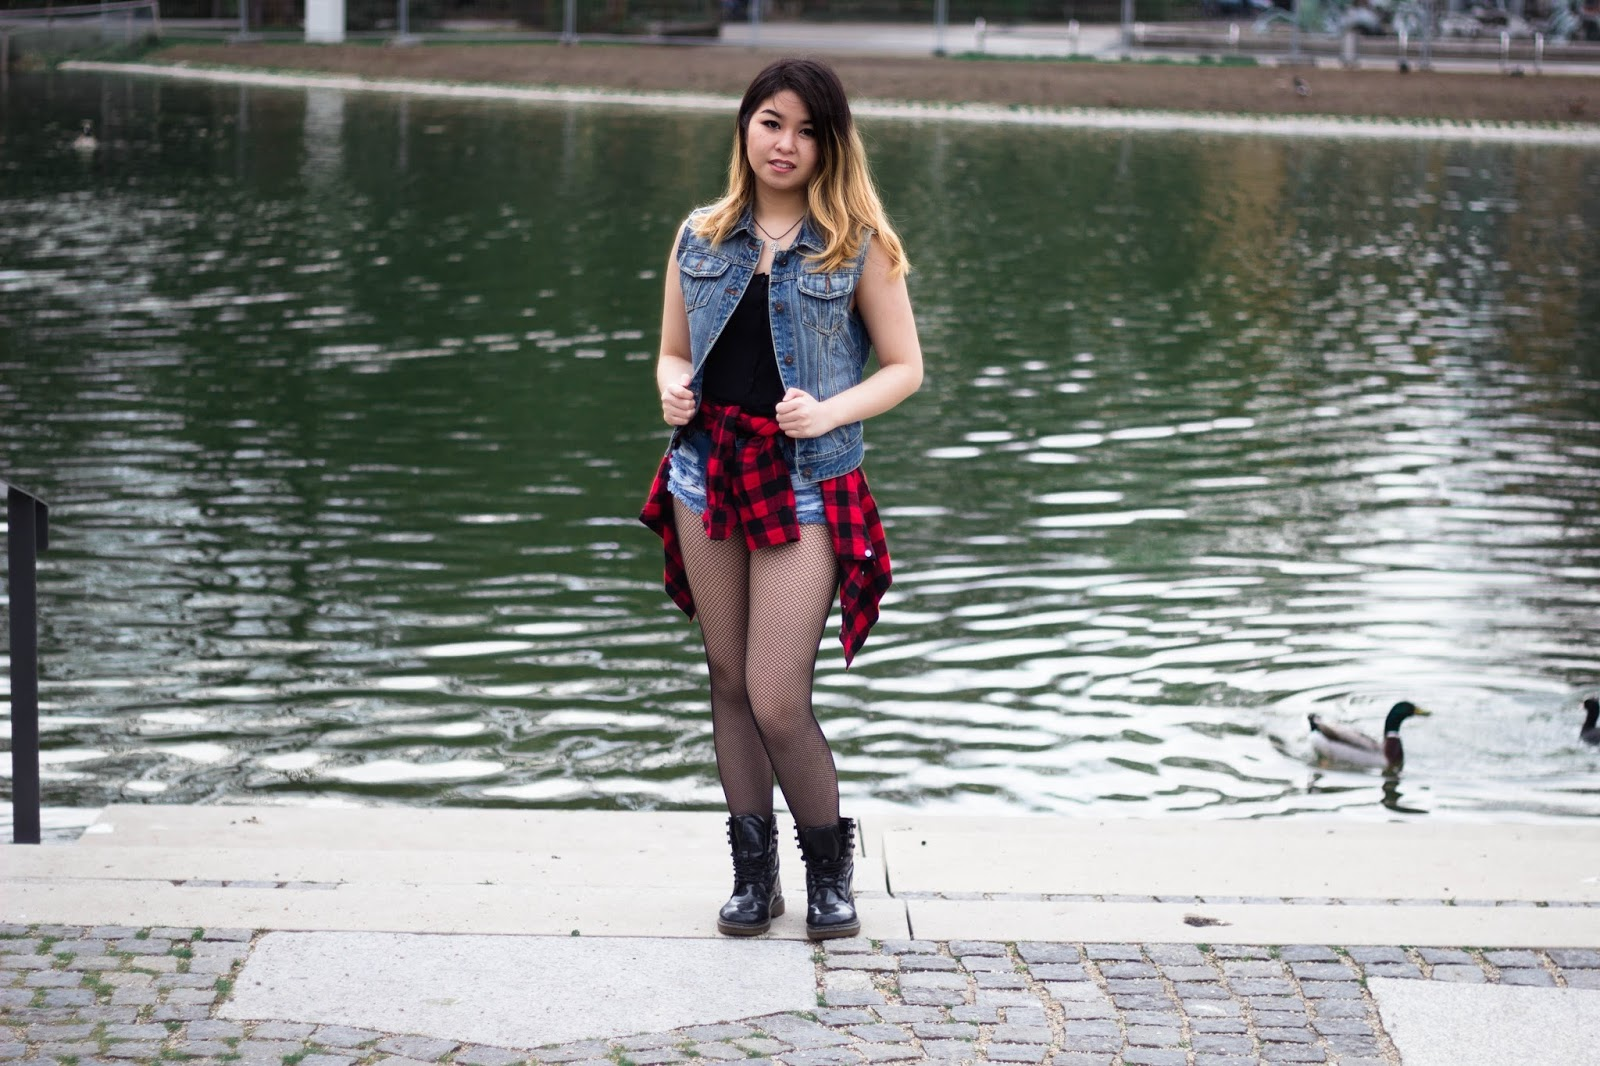 Rock Festival Look - Jeans, Fishnets || www.lootielooplasticworld.de